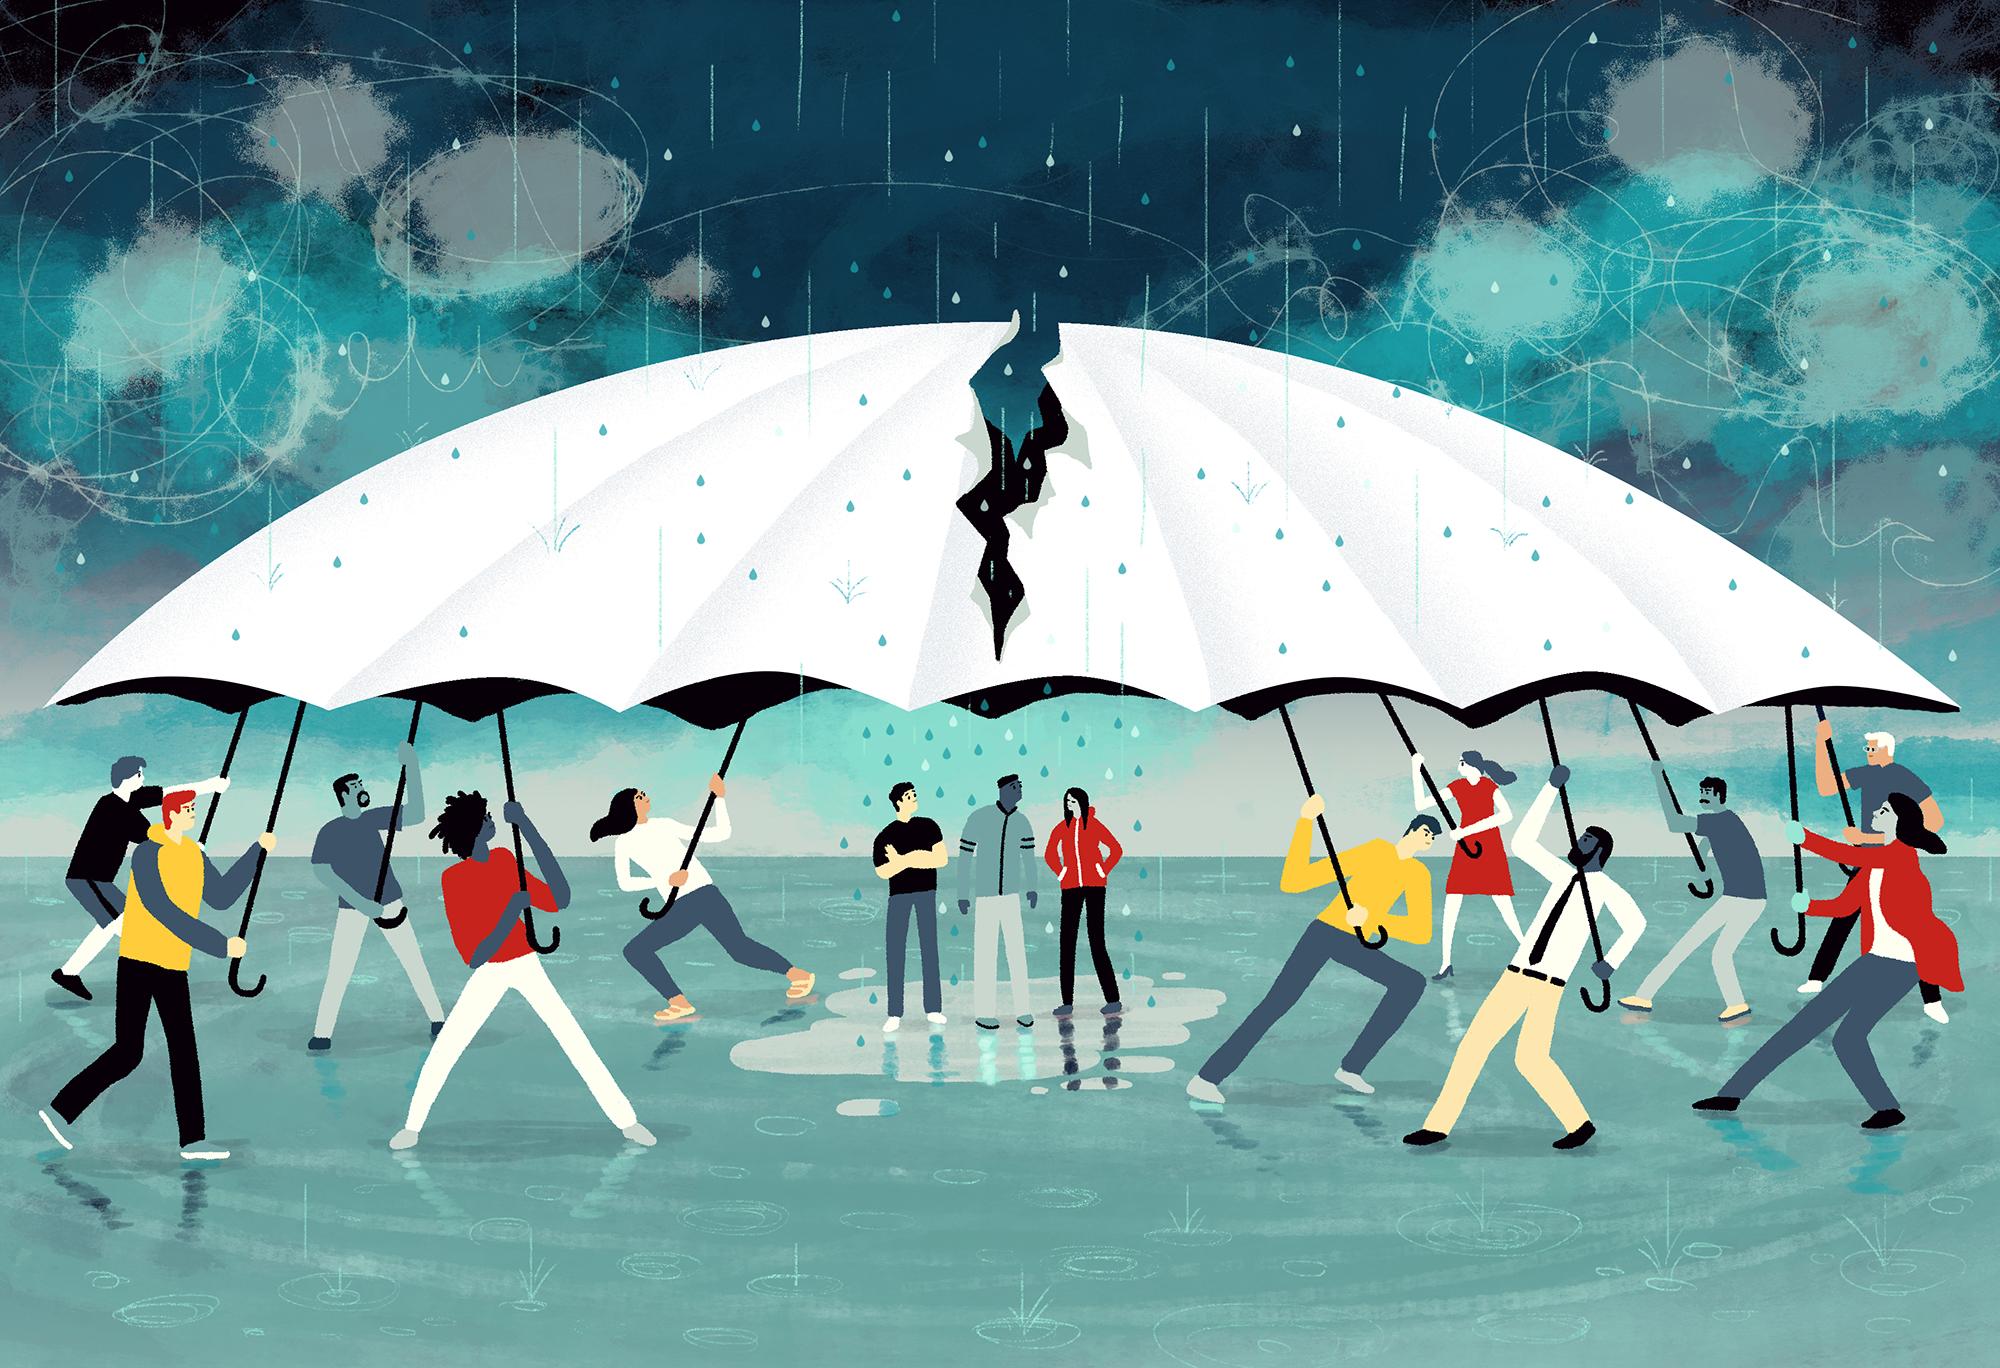 人们争抢一把巨大的雨伞,中间的人暴露在雨中